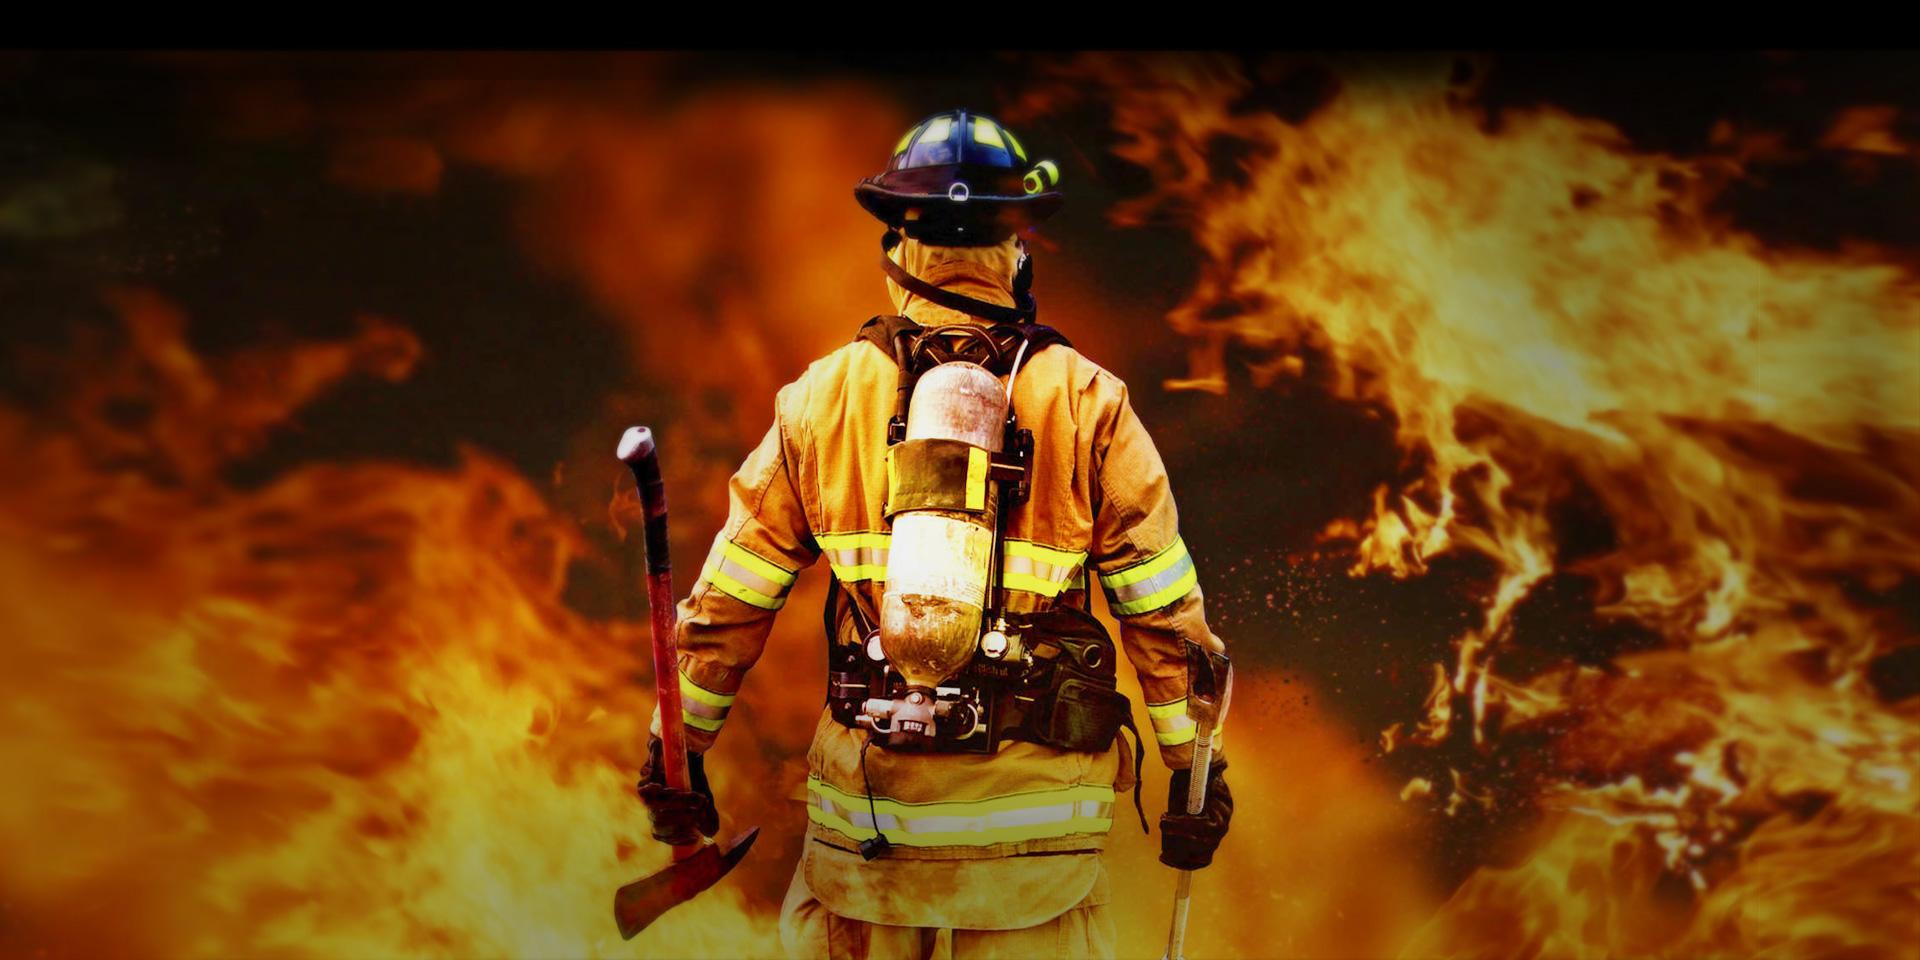 七氟丙烷灭火系统,ig541气体灭火设备,高压细水雾灭火系统,江西长征消防科技股份有限公司